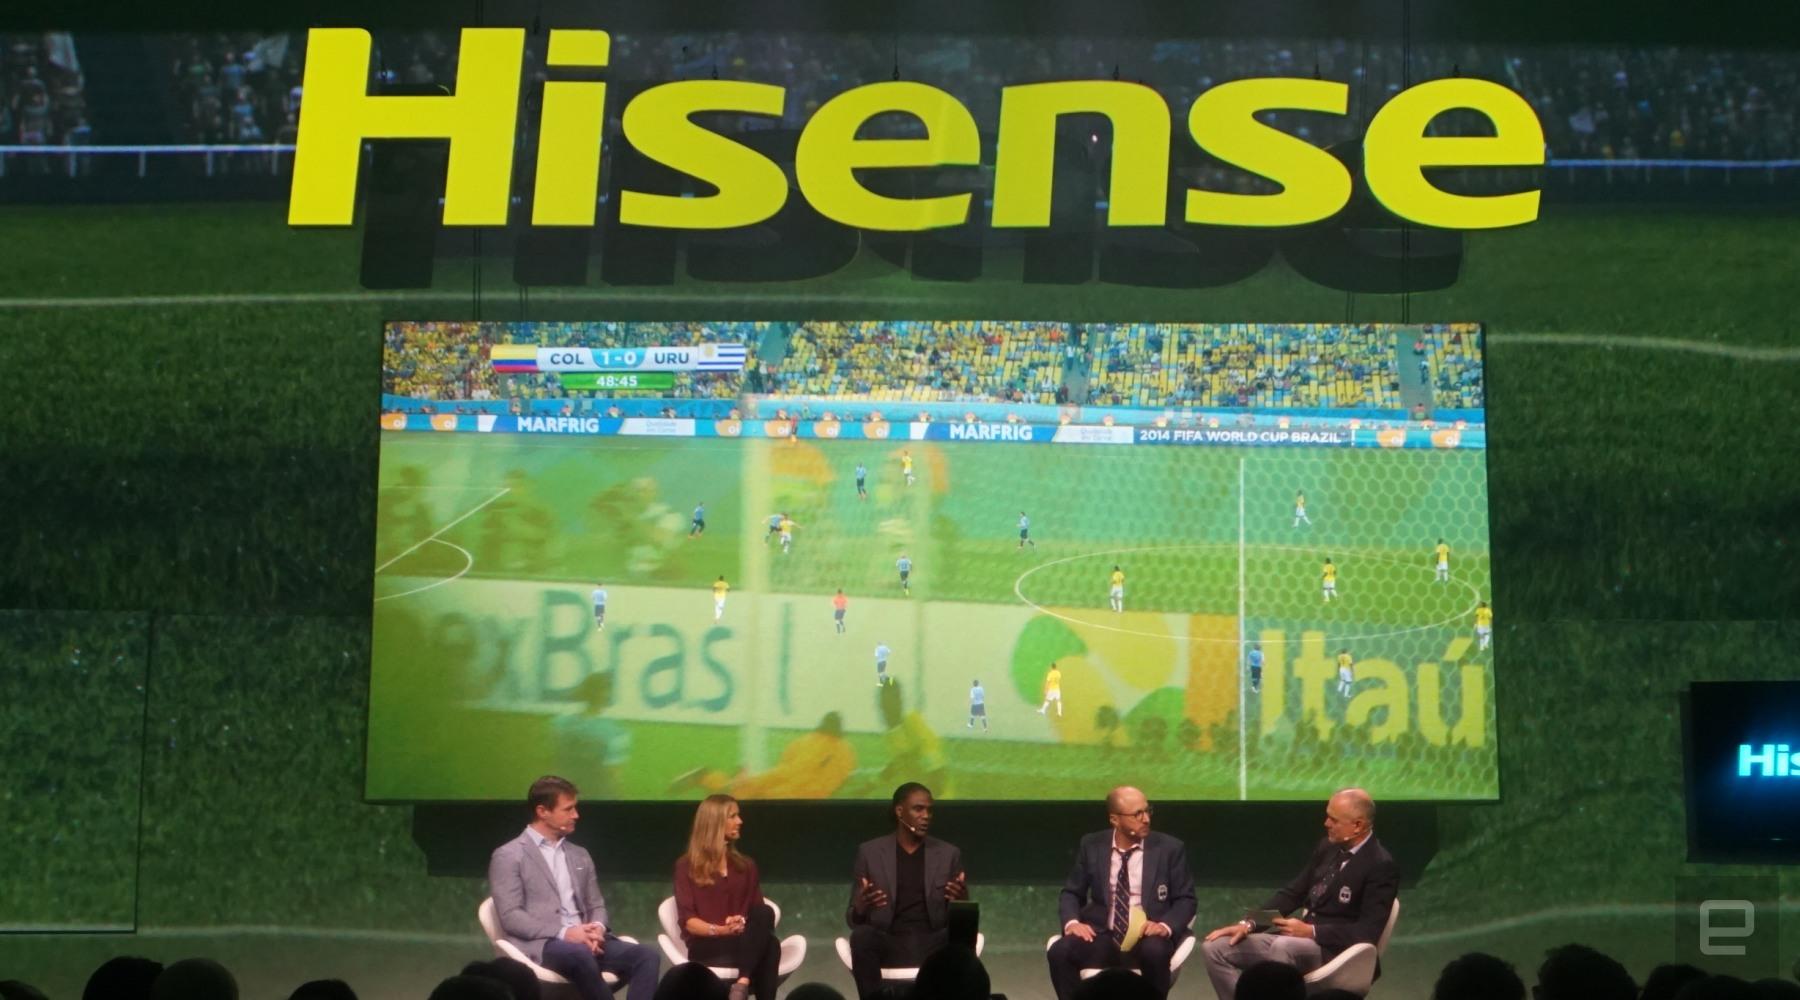 پخش بازی های جام جهانی با کیفیت ۴K HDR با اپلیکیشن هایسنس